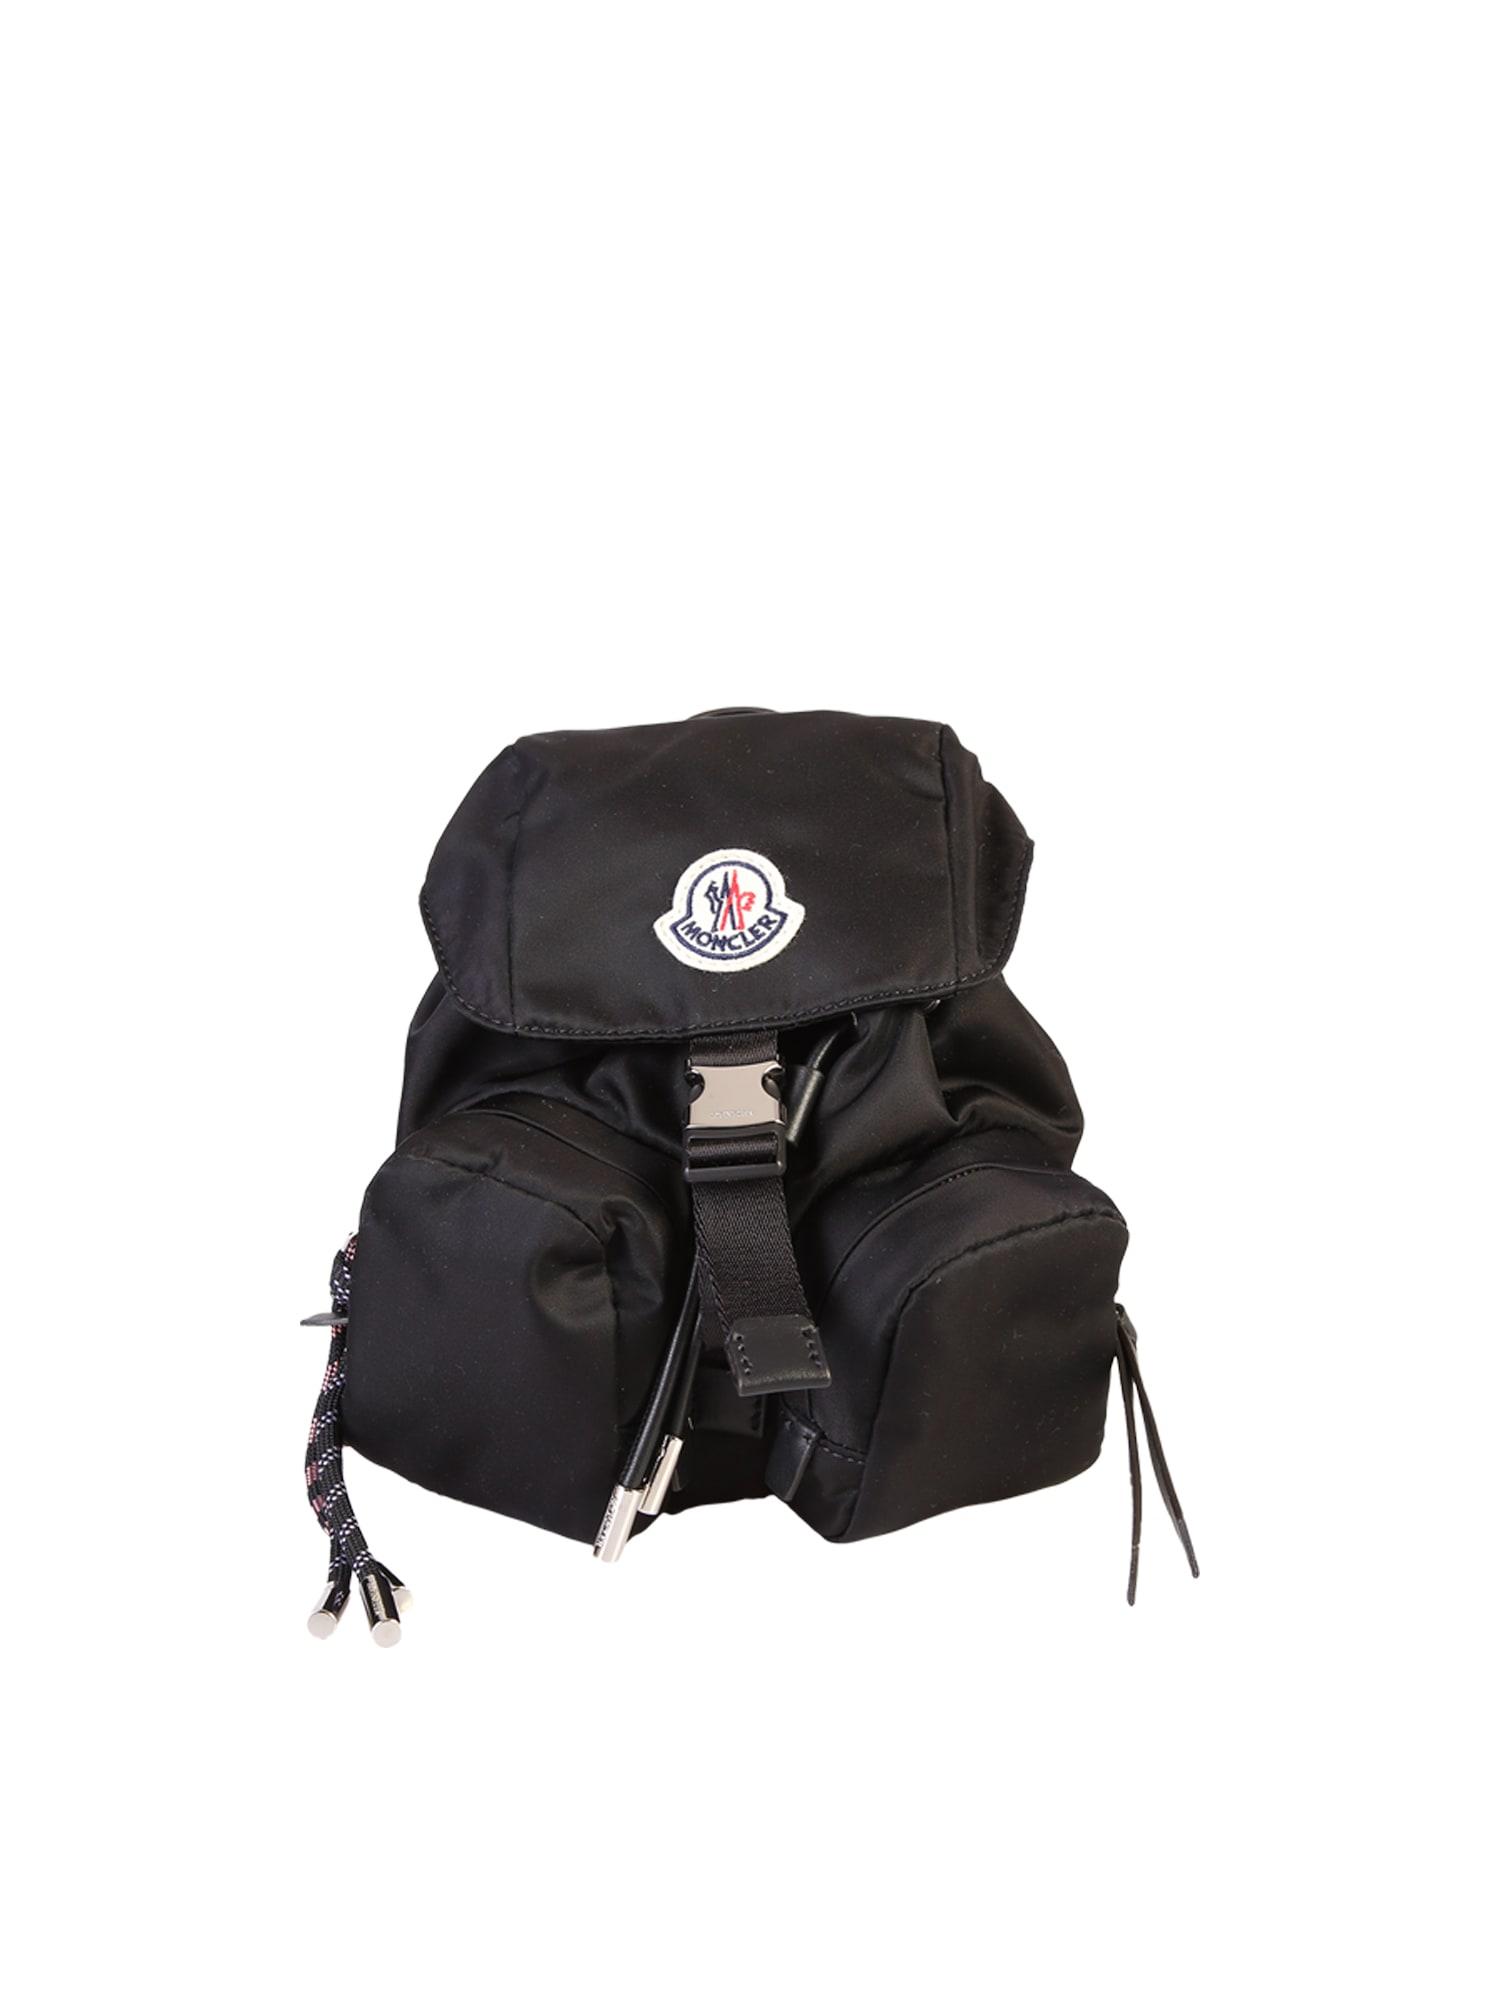 Moncler Branded Backpack